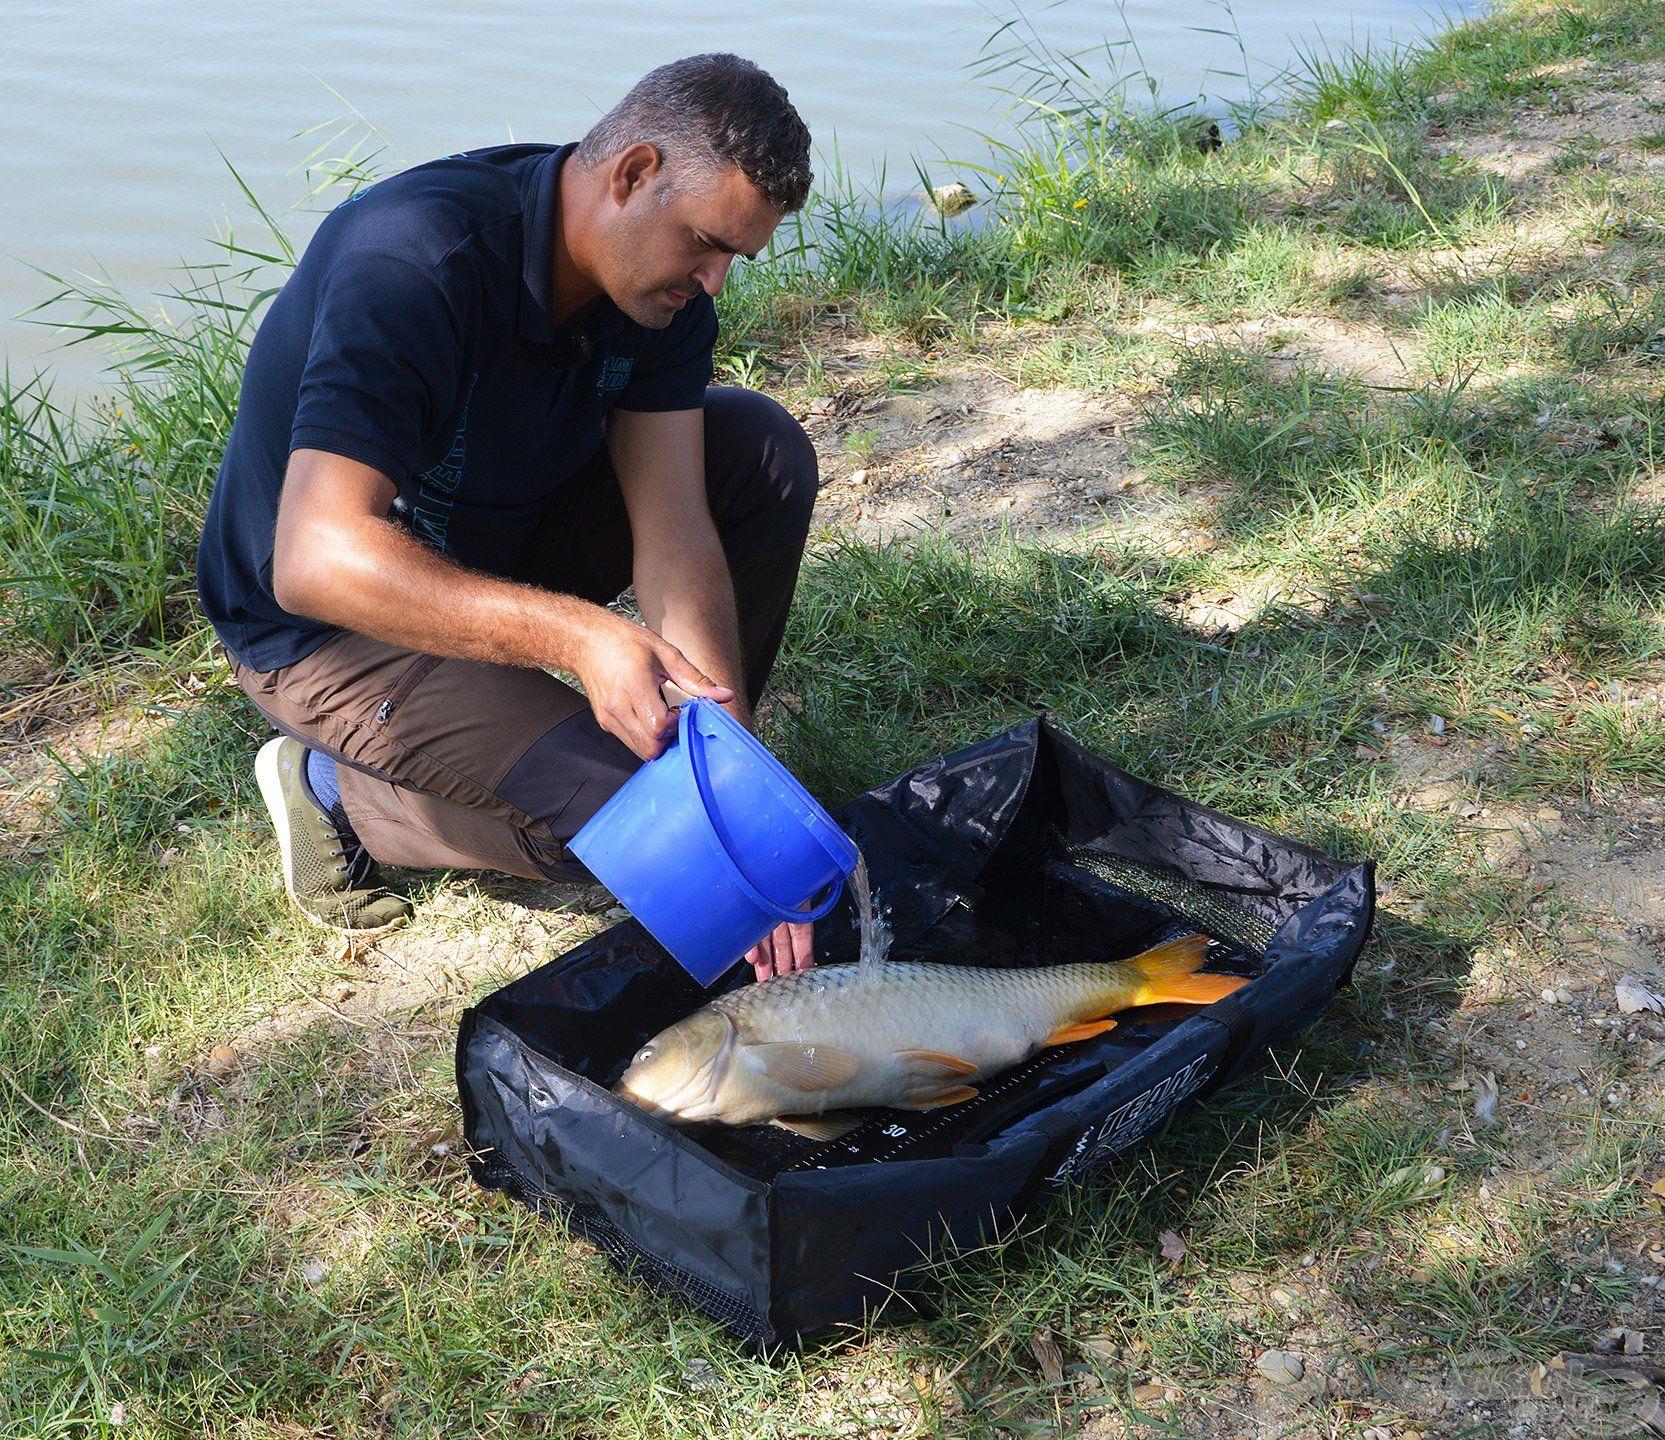 Nagyon fontos, hogy mindig vizezzük be a matracot, mielőtt a halat ráhelyezzük, és még utána is locsoljuk a halat, ha sokáig időzünk vele a parton